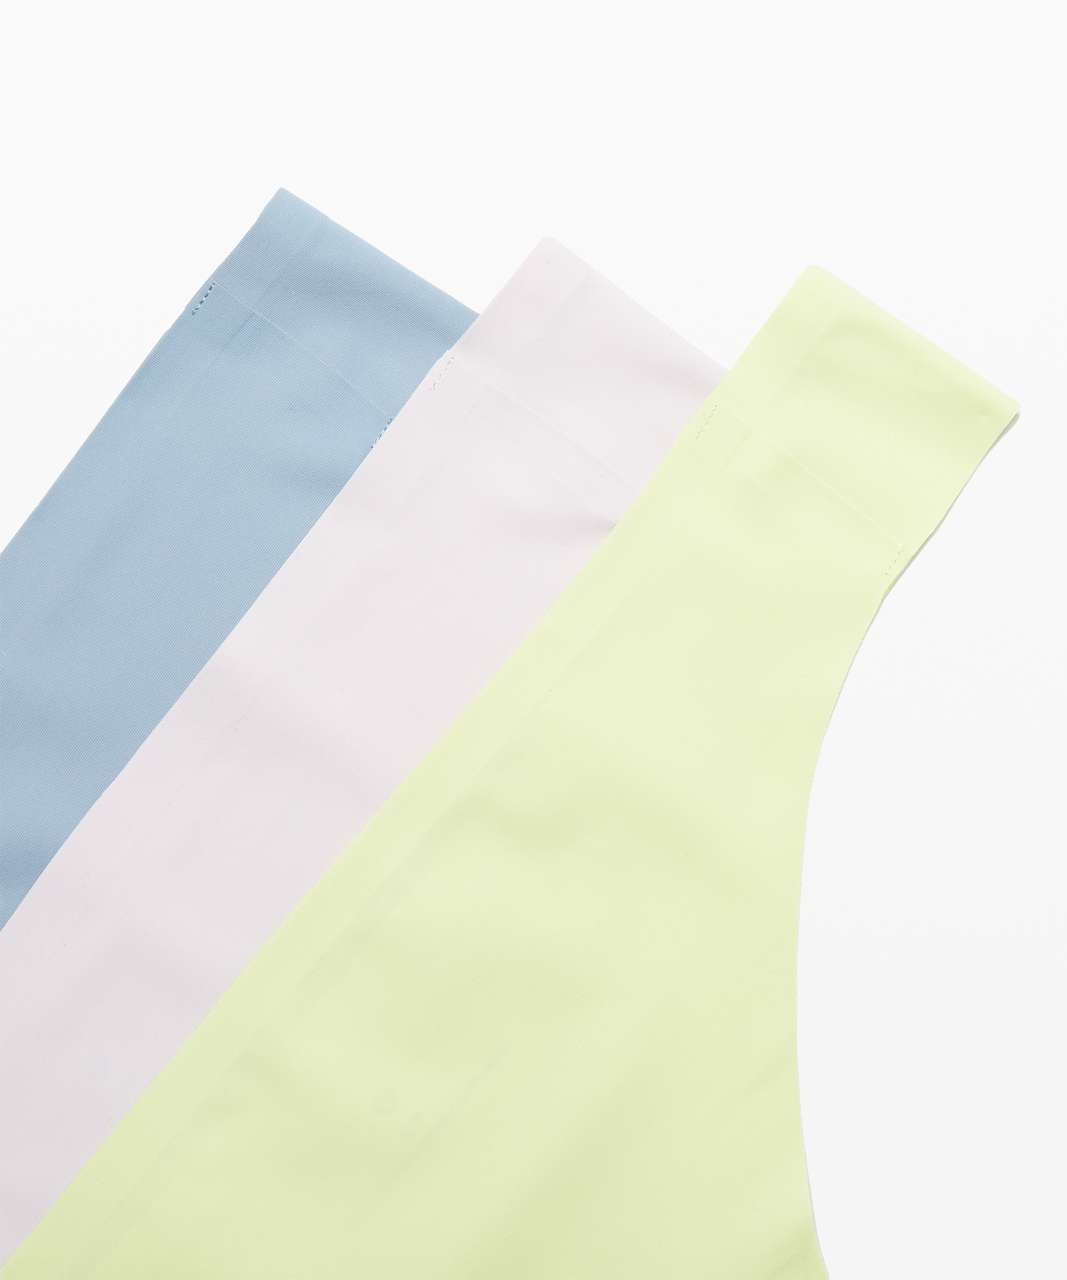 Lululemon Namastay Put Thong 3 Pack - Blue Cast / Lemon Vibe / Misty Pink